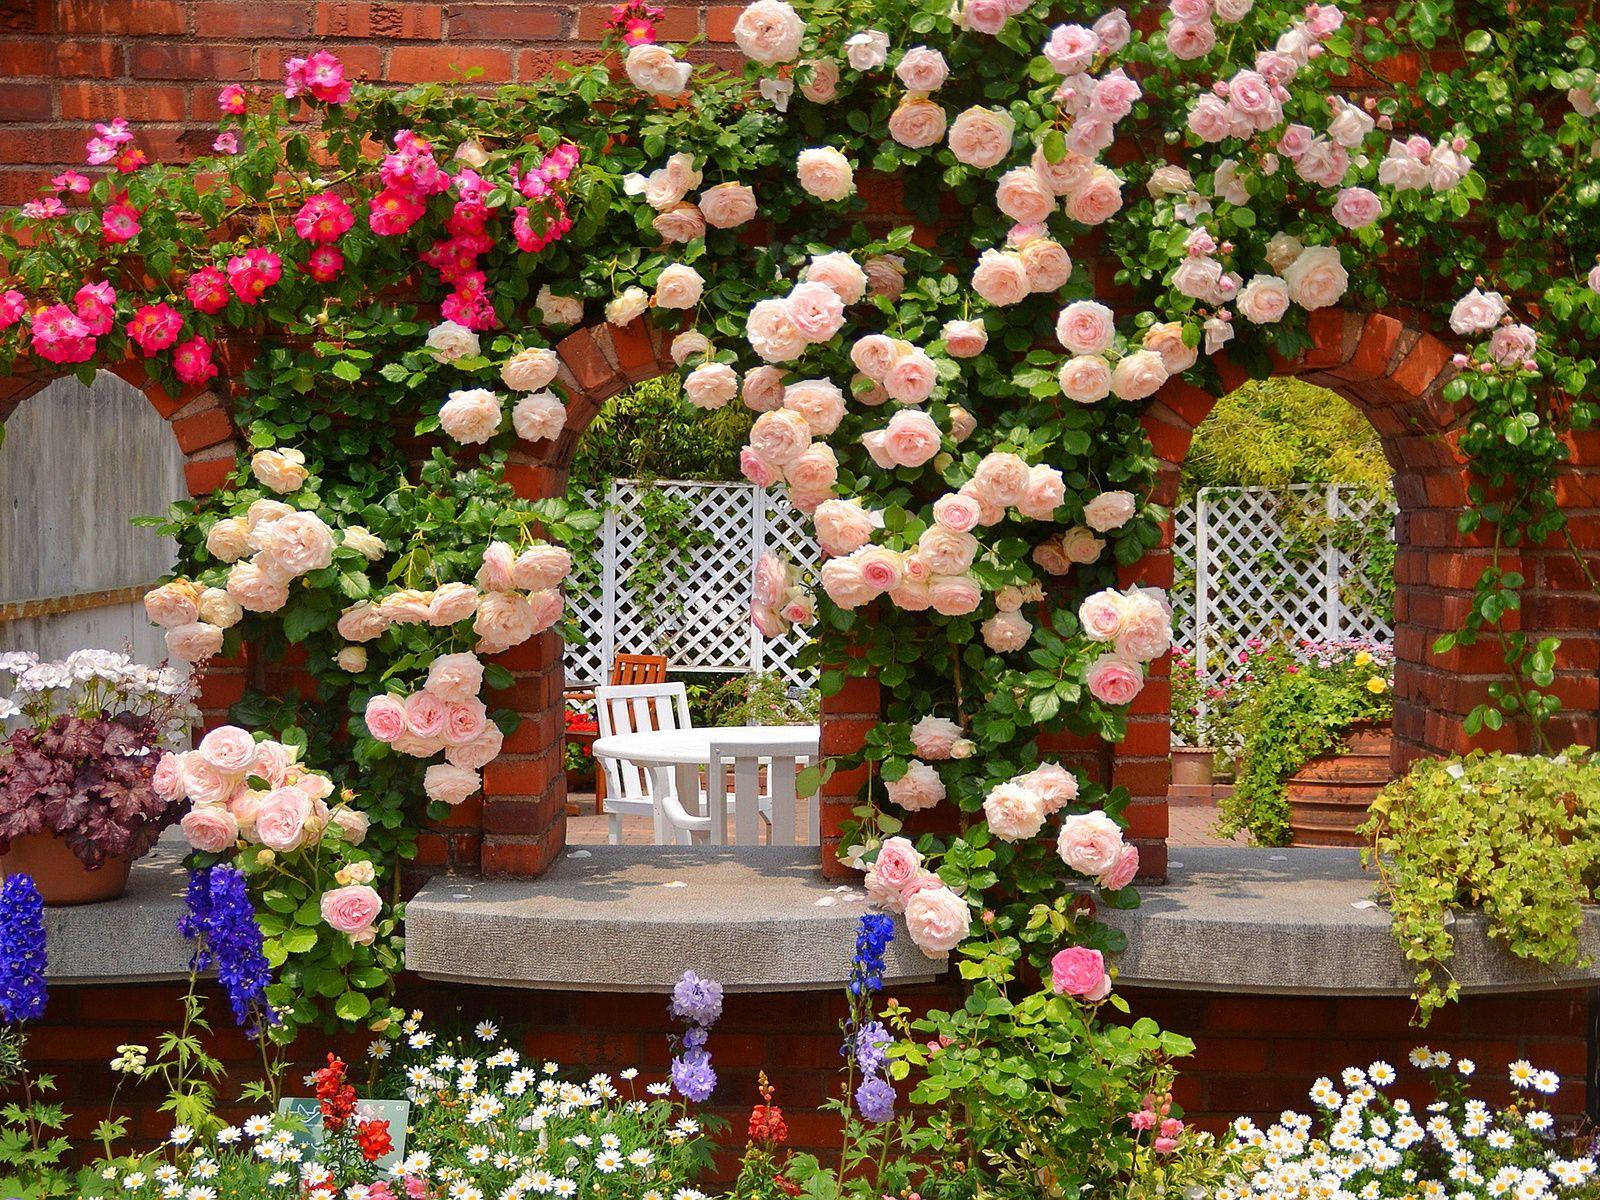 Galeria De Imagenes Y Fotos Bonitas Fotos De Interiores De Modernas Terrazas Garden Pictures Growing Roses Planting Flowers